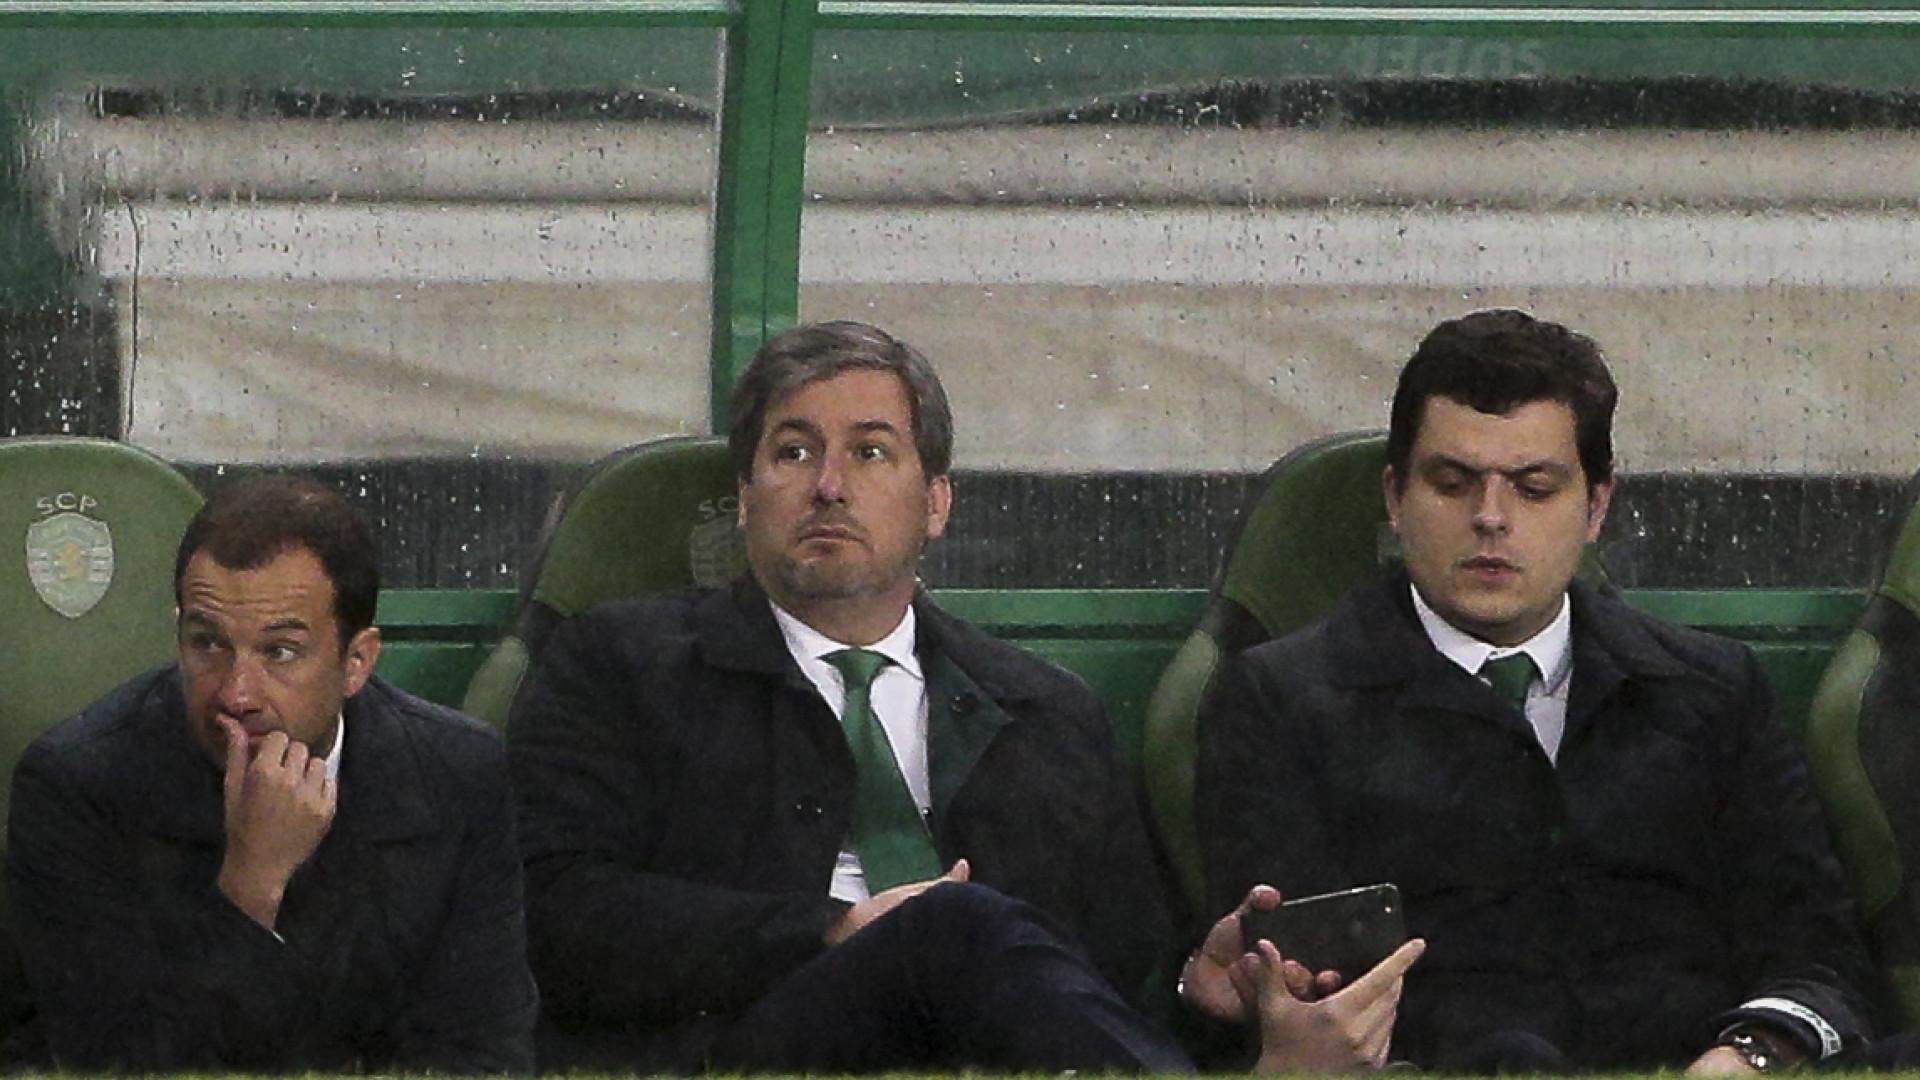 André Geraldes: Afinal, quem é o braço direito de Bruno de Carvalho?